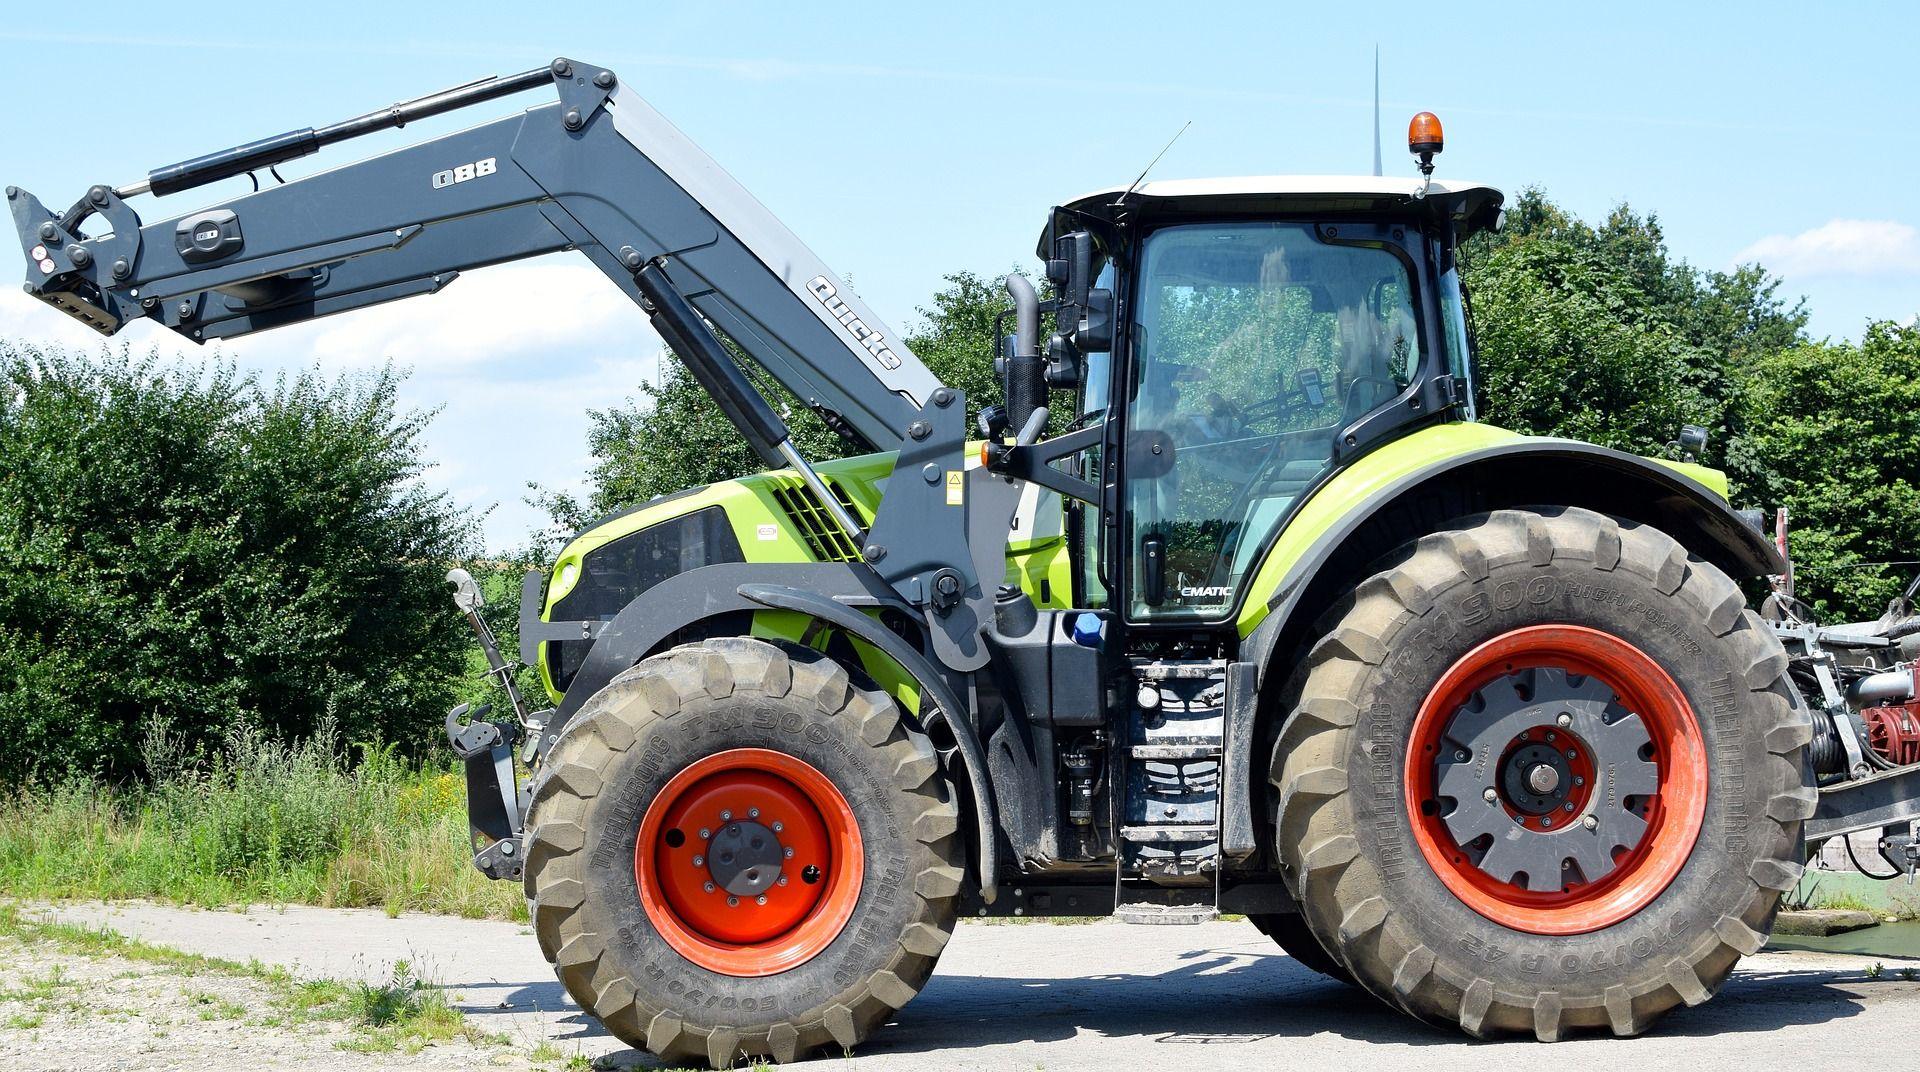 Beim Kirschenpflücken aus Traktorschaufel geschleudert